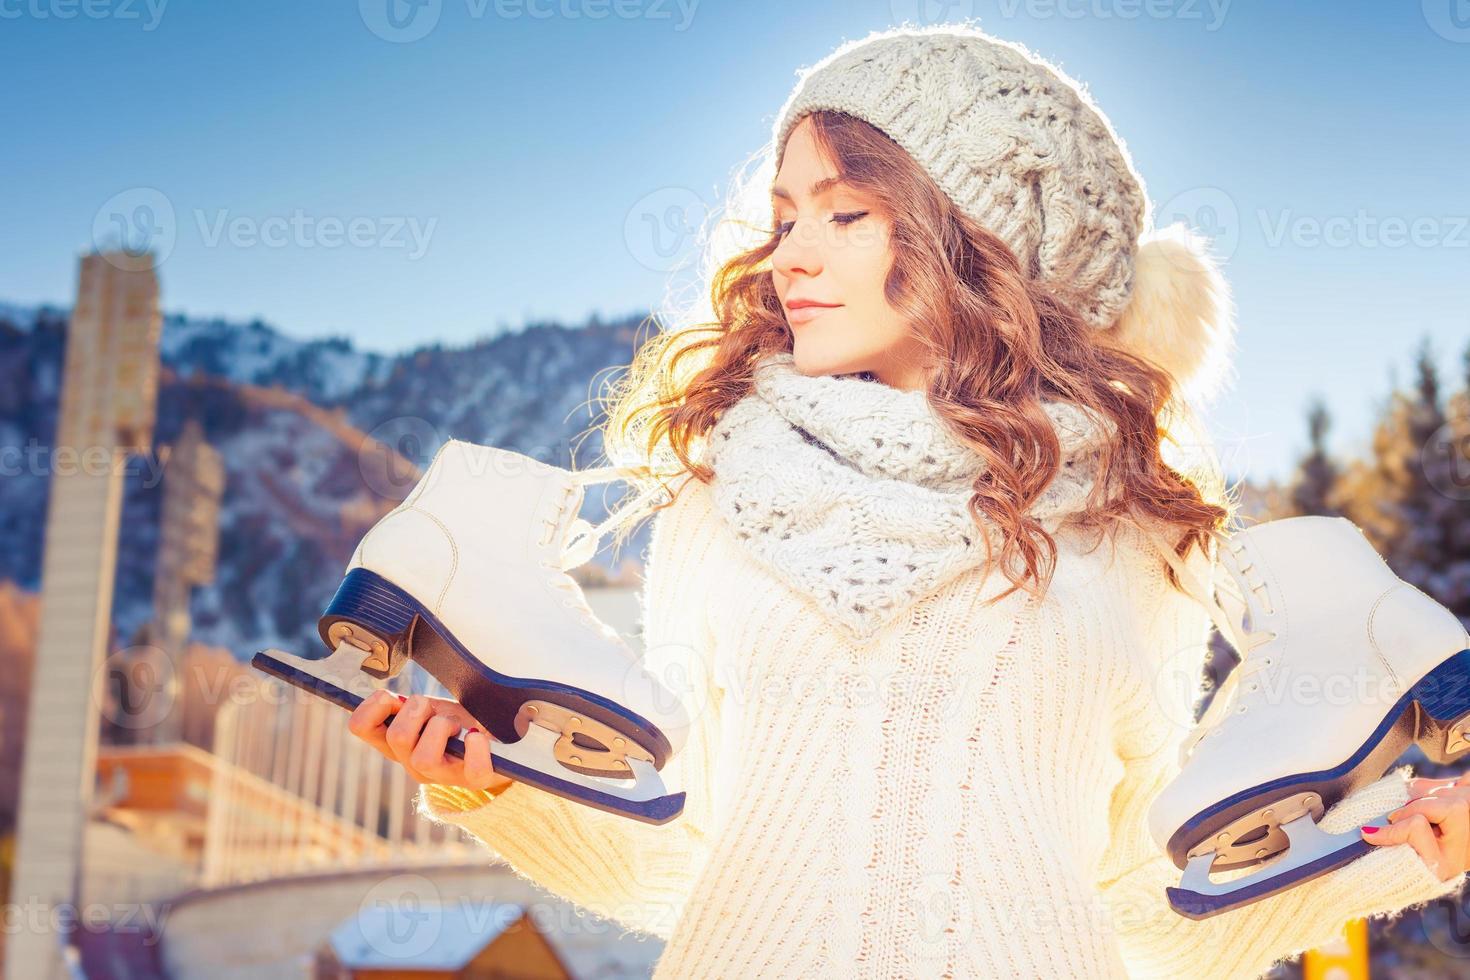 hermosa mujer caucásica va a patinar sobre hielo al aire libre foto